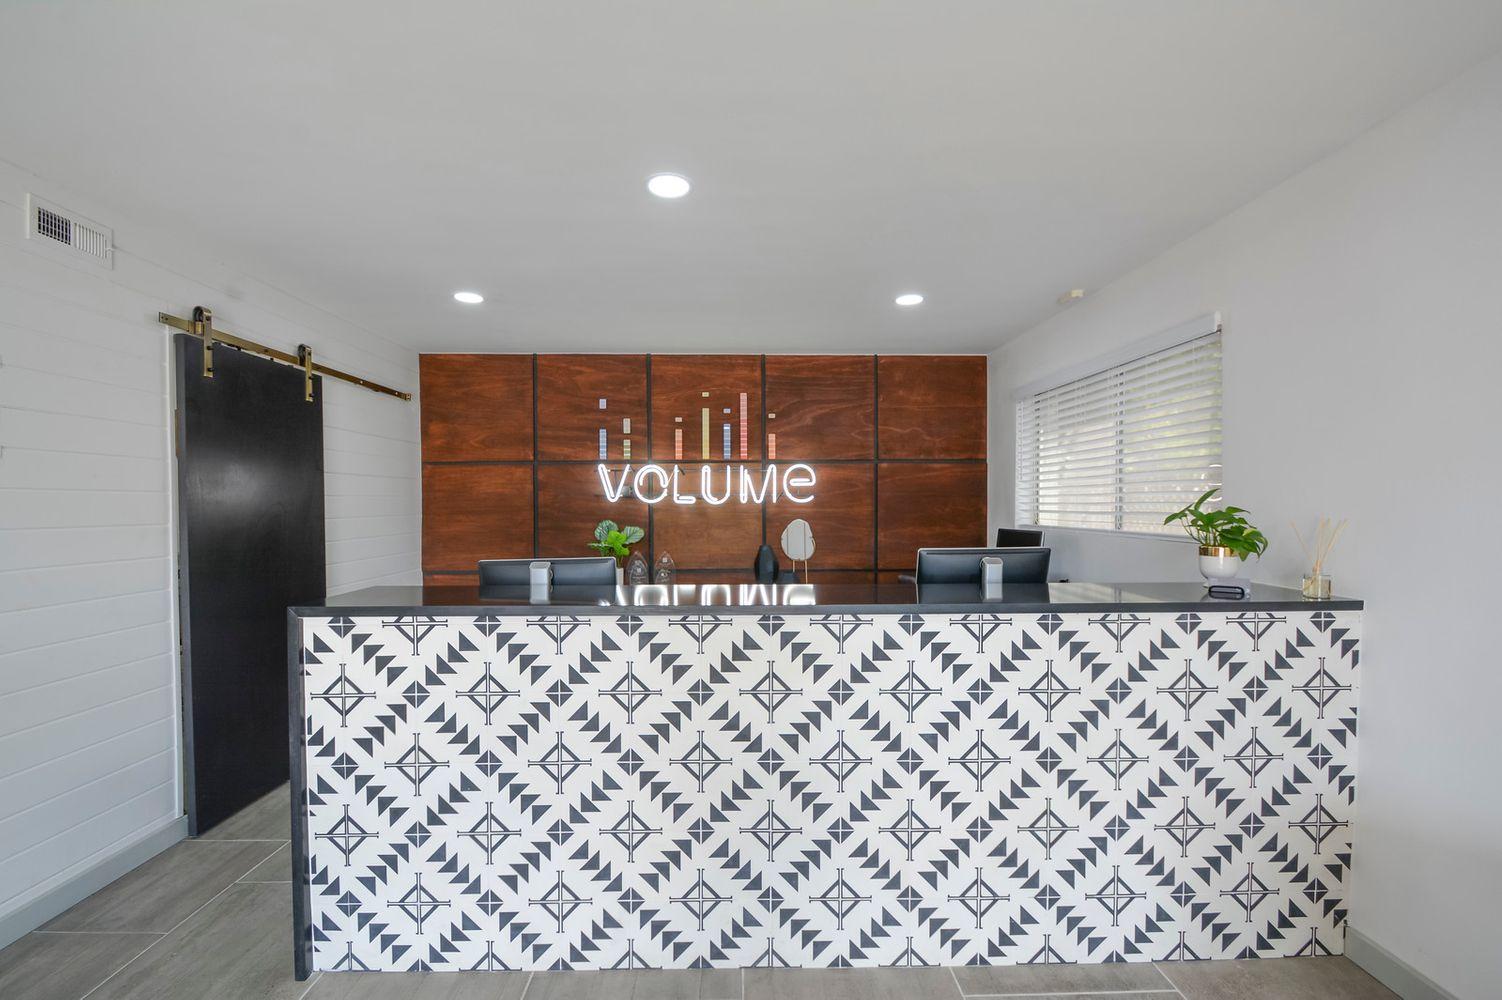 Volume Renovated Leasing Office.jpg